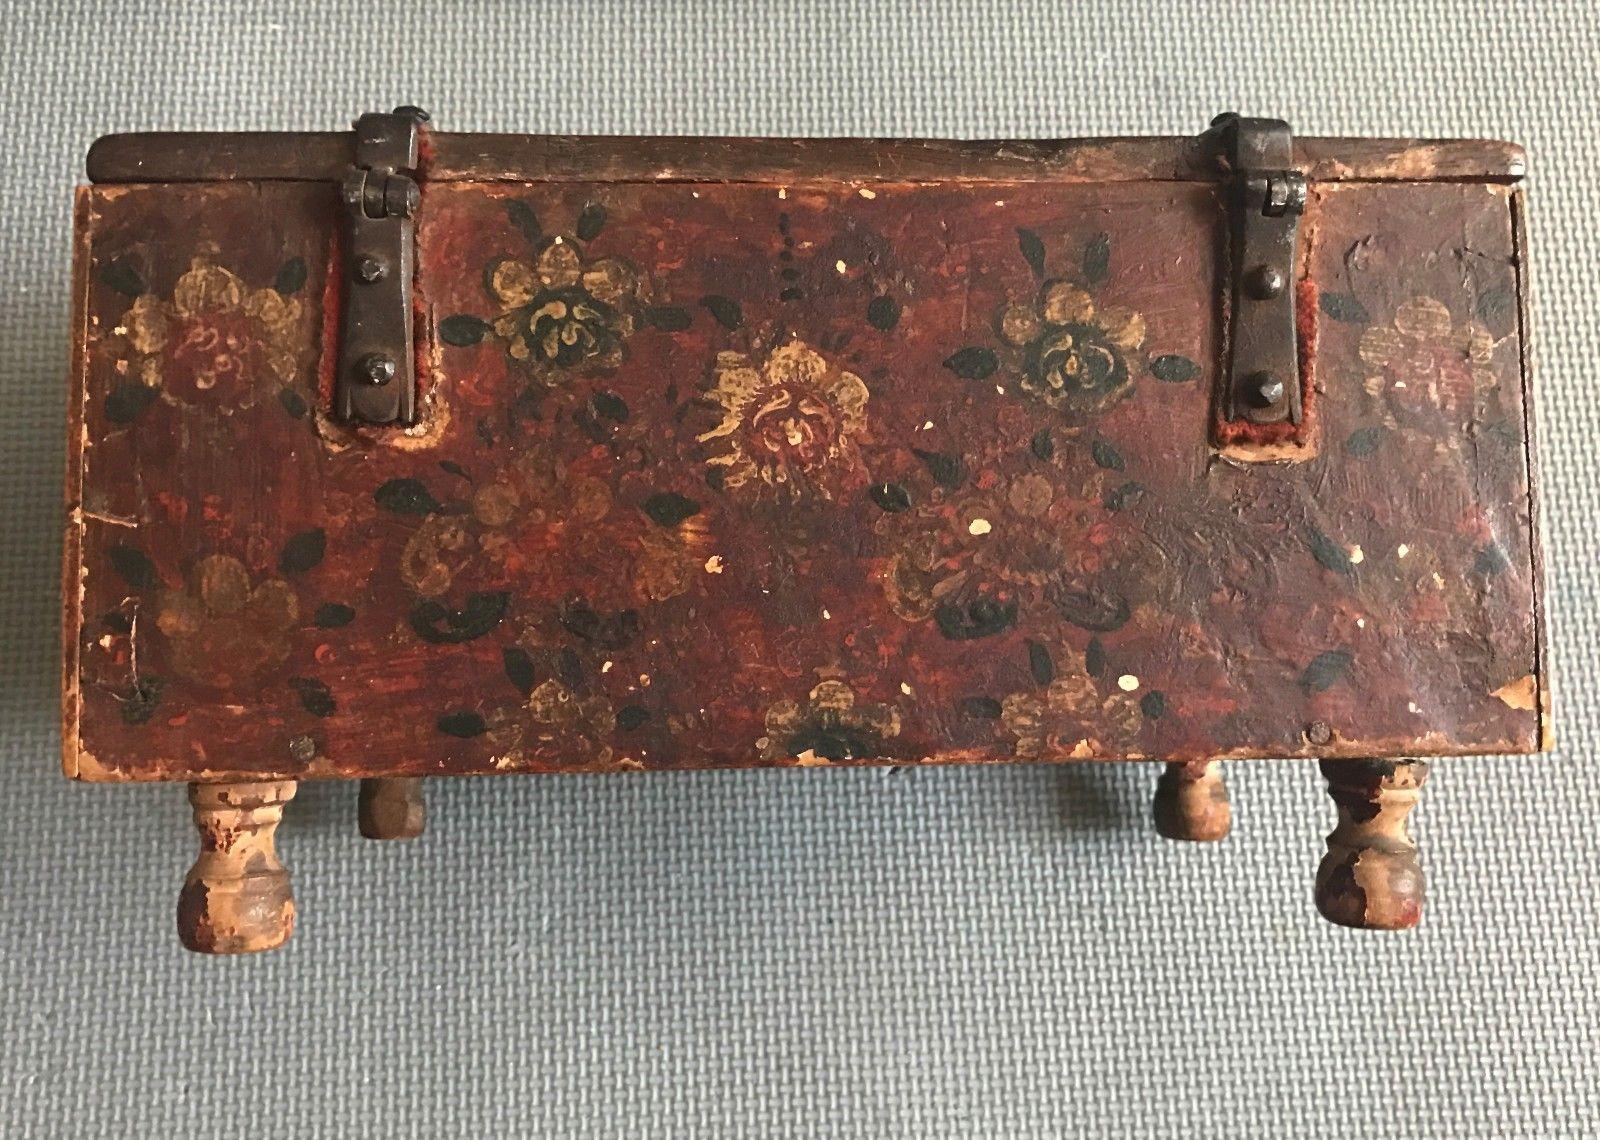 teremok_antiques_peru_casket_5.jpg